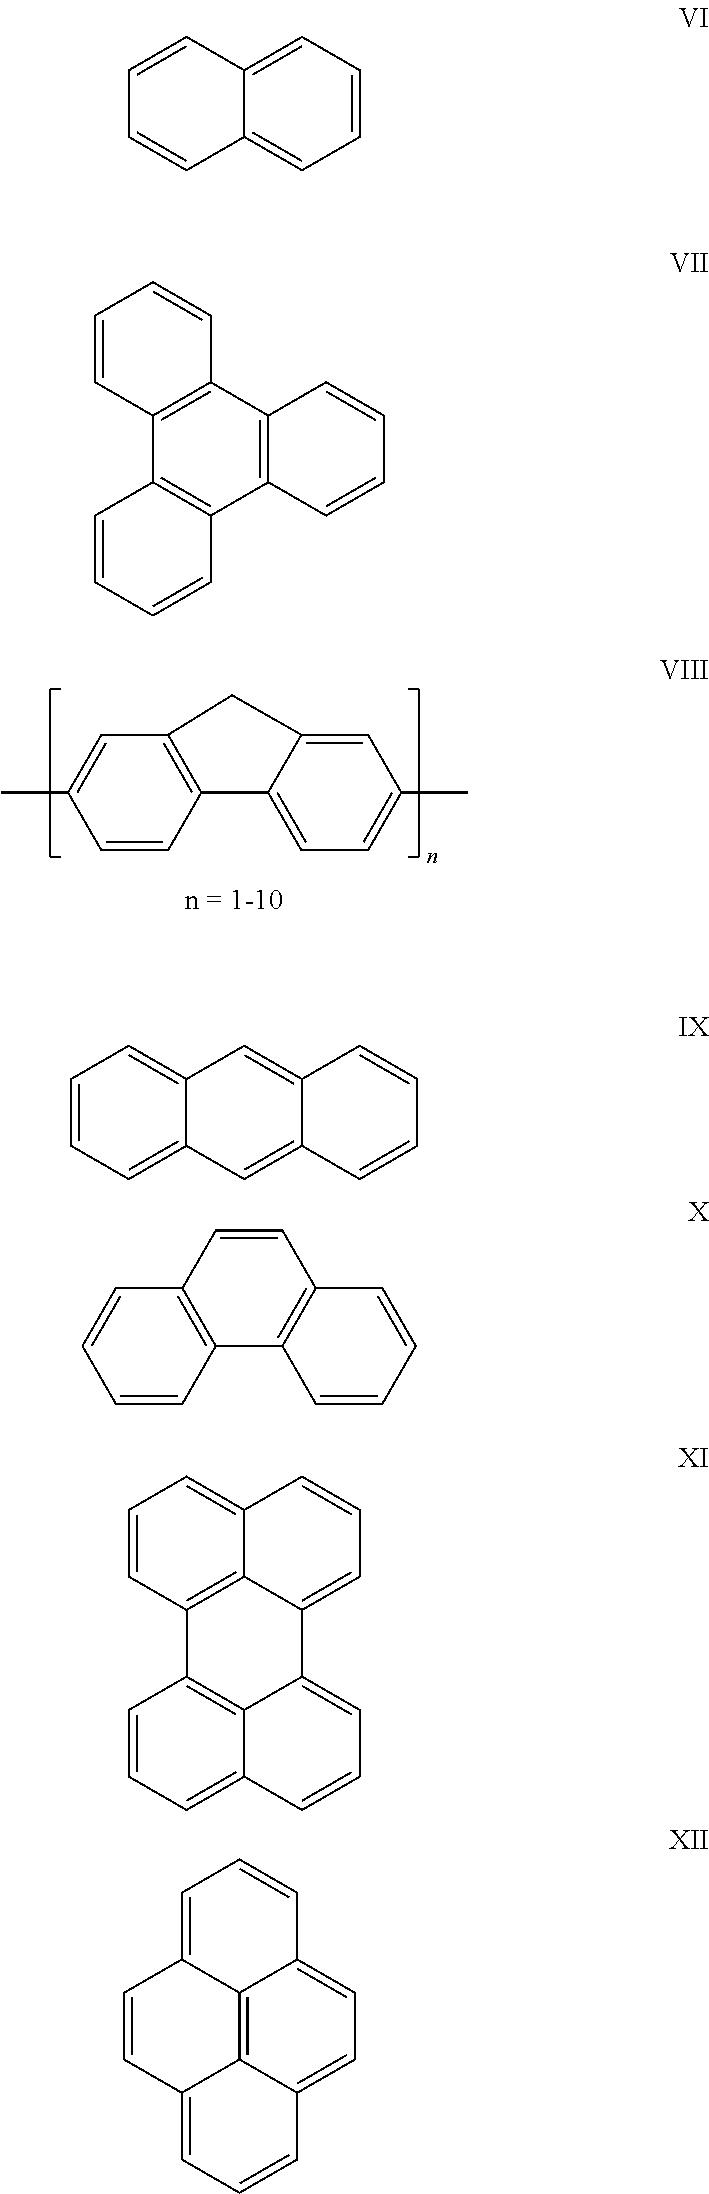 Figure US08105700-20120131-C00002